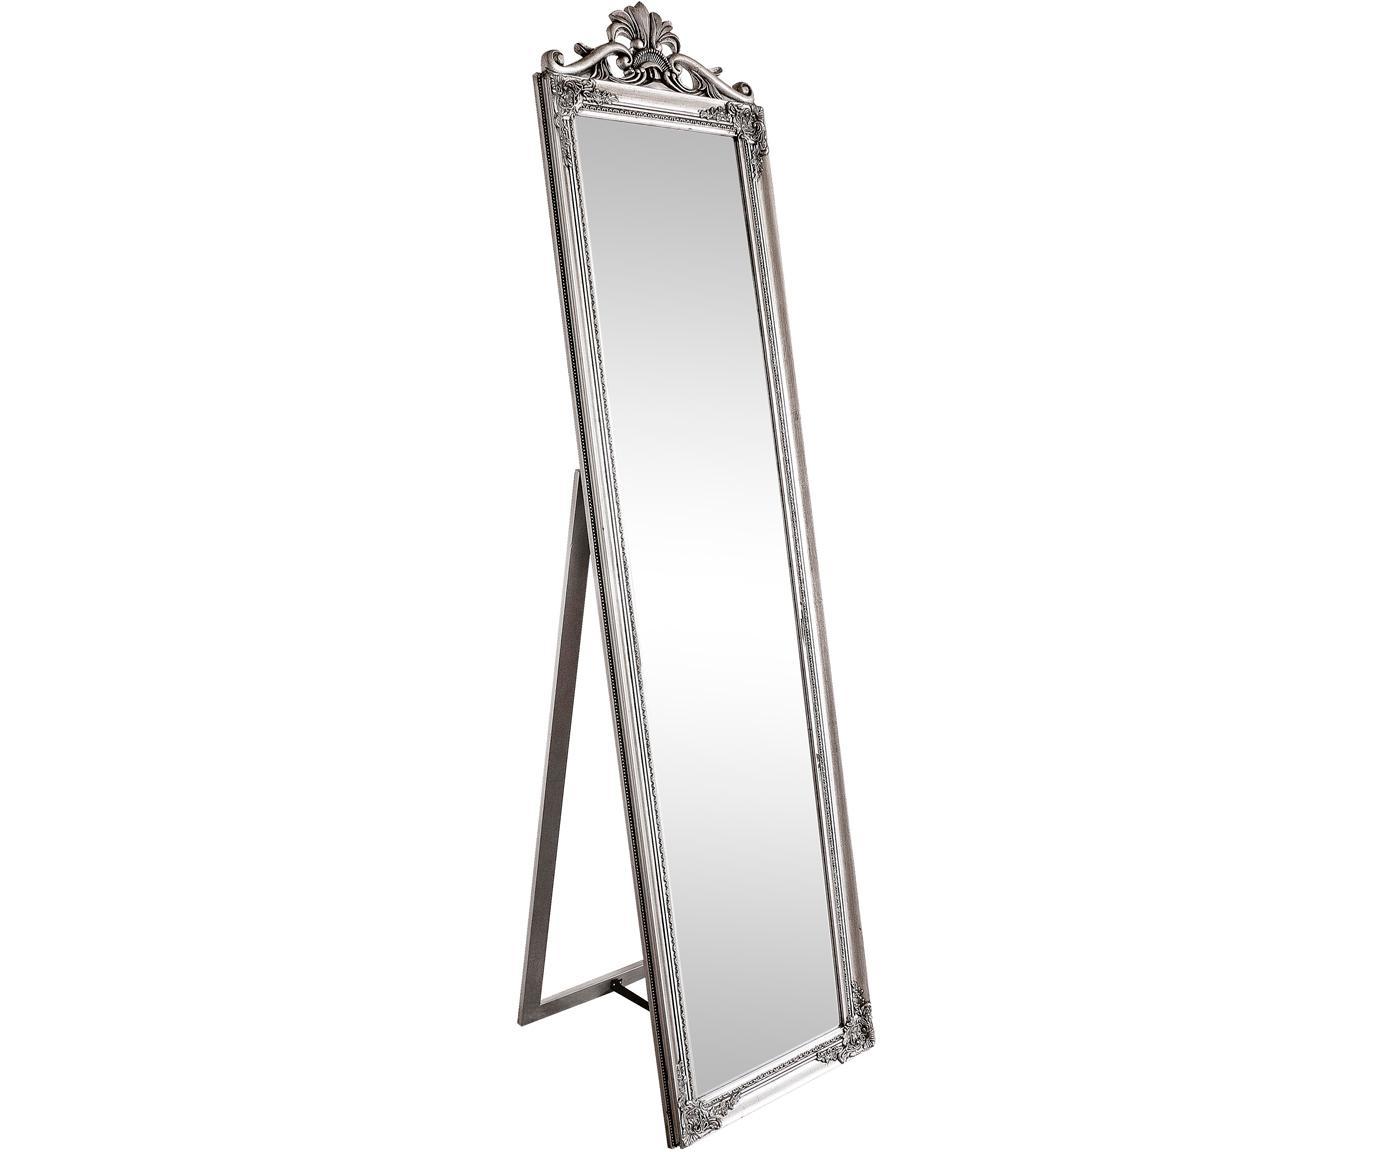 Lustro stojące Miro, Odcienie srebrnego, S 45 x W 180 cm